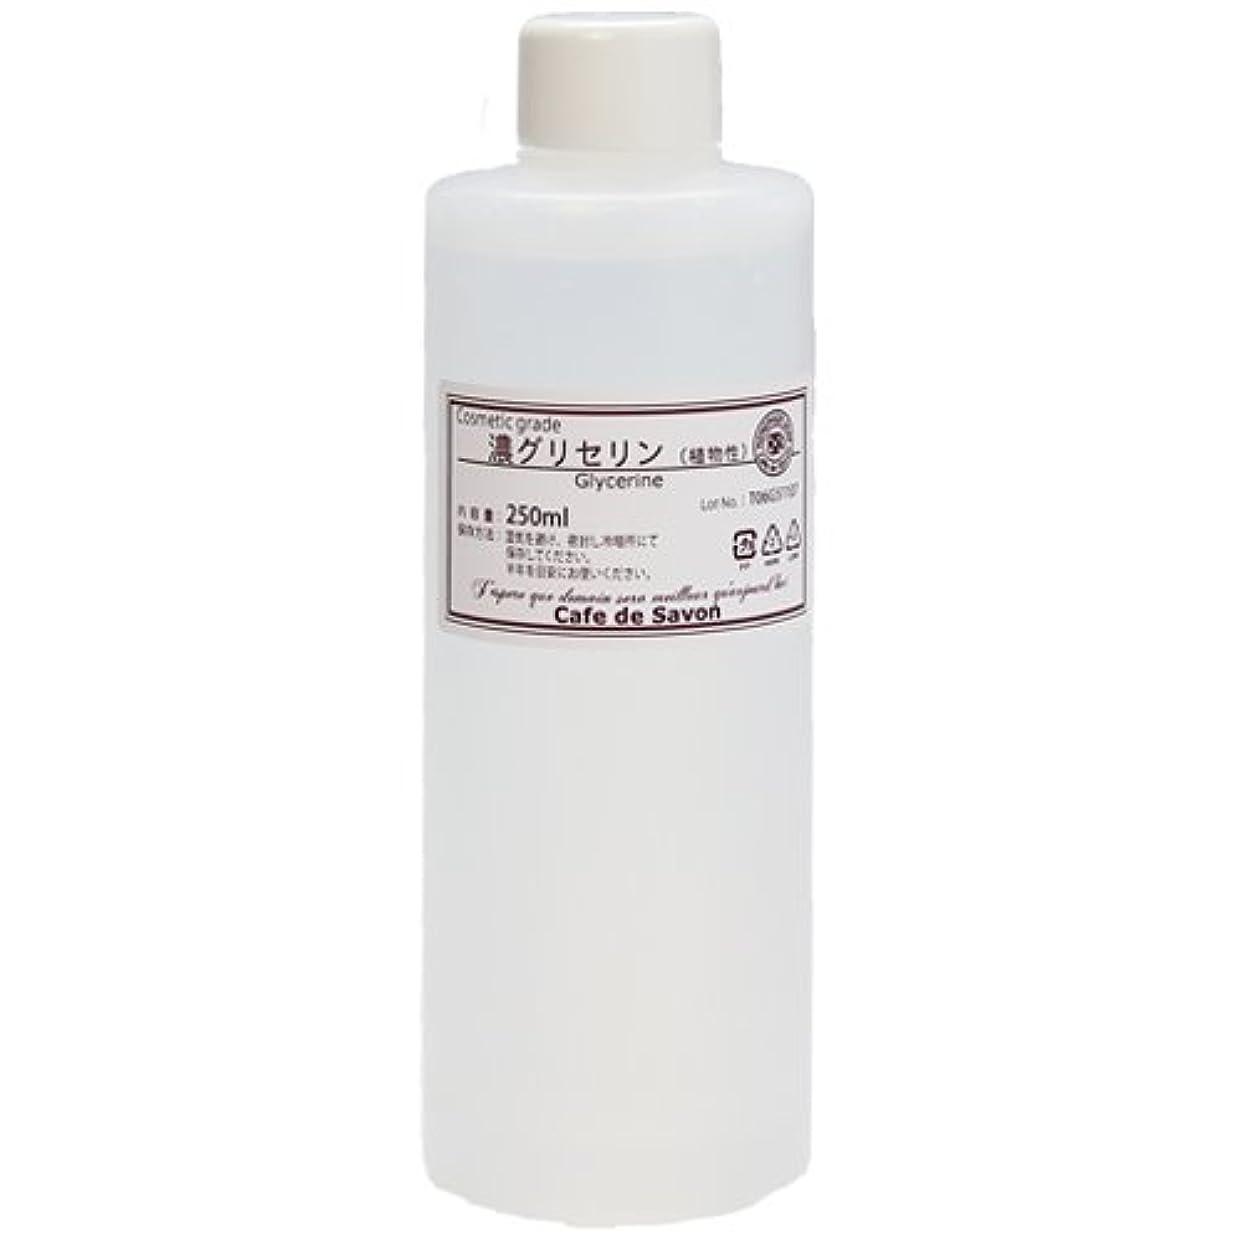 濃グリセリン[植物性] 250ml 【手作り石鹸/手作りコスメ】